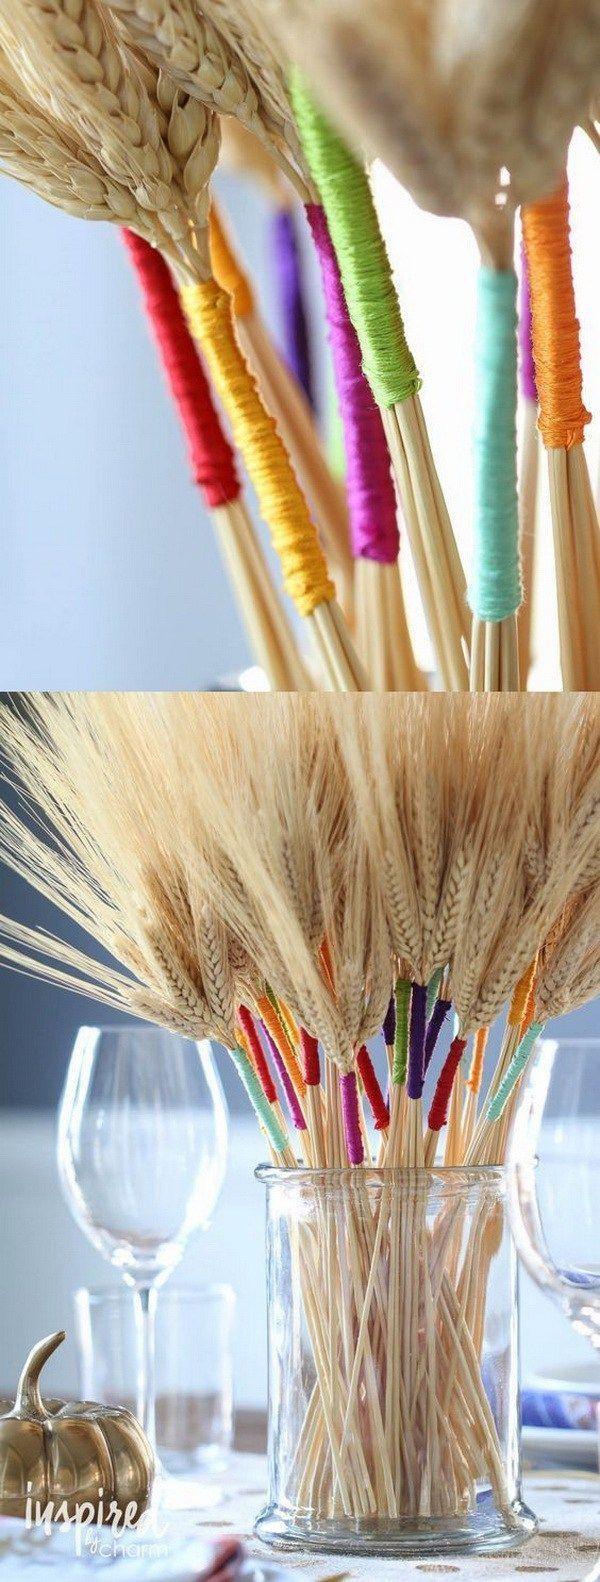 DIY-Farbe eingewickeltes Weizen. Fügen Sie einen Pop von Farben Ihrem Thanksg hinzu